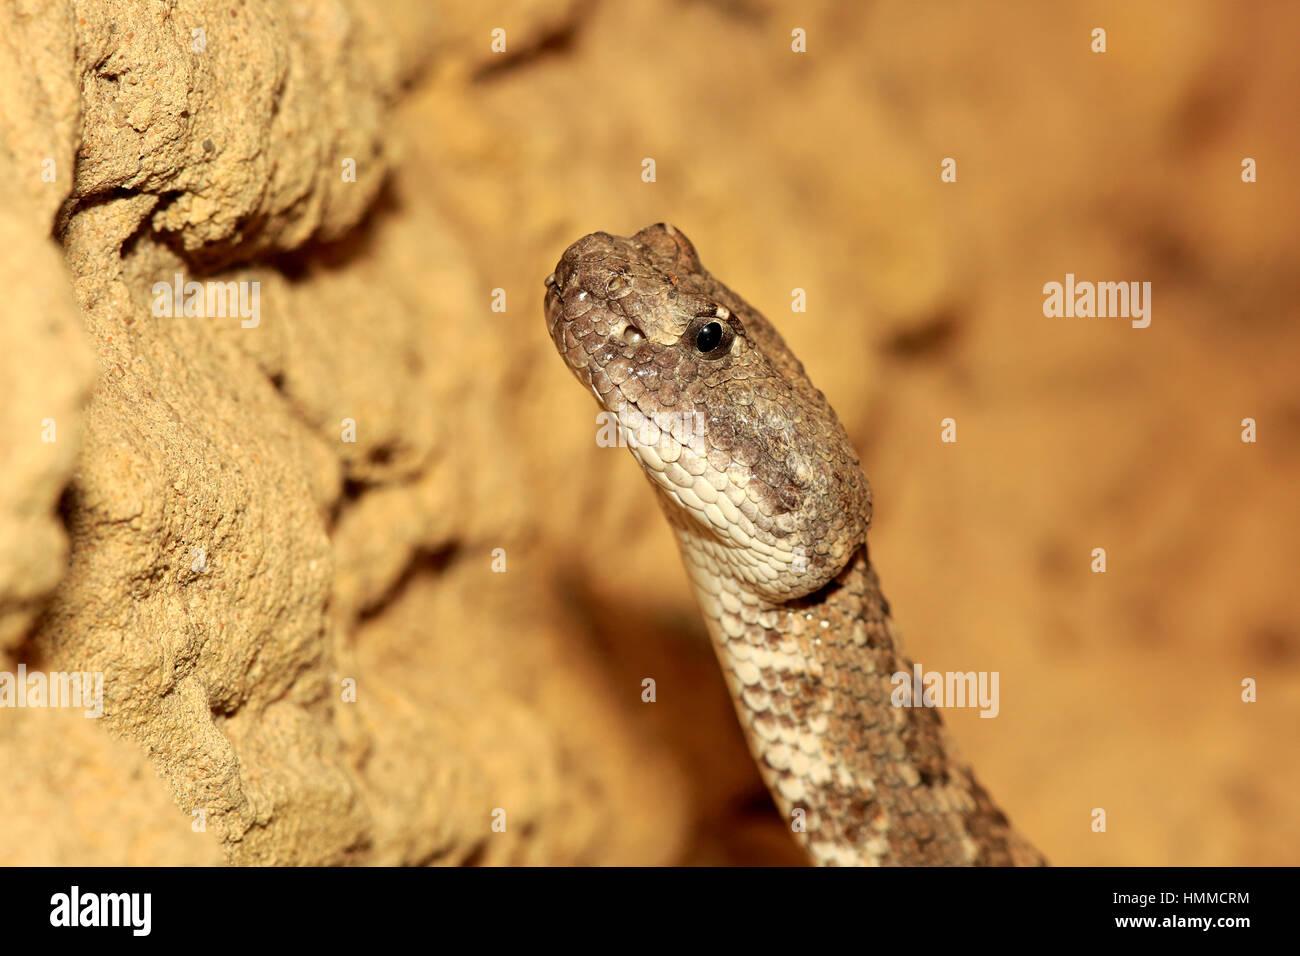 Prairie Rattlesnake, (Crotalus viridis), adult portrait, USA, Northamerica - Stock Image